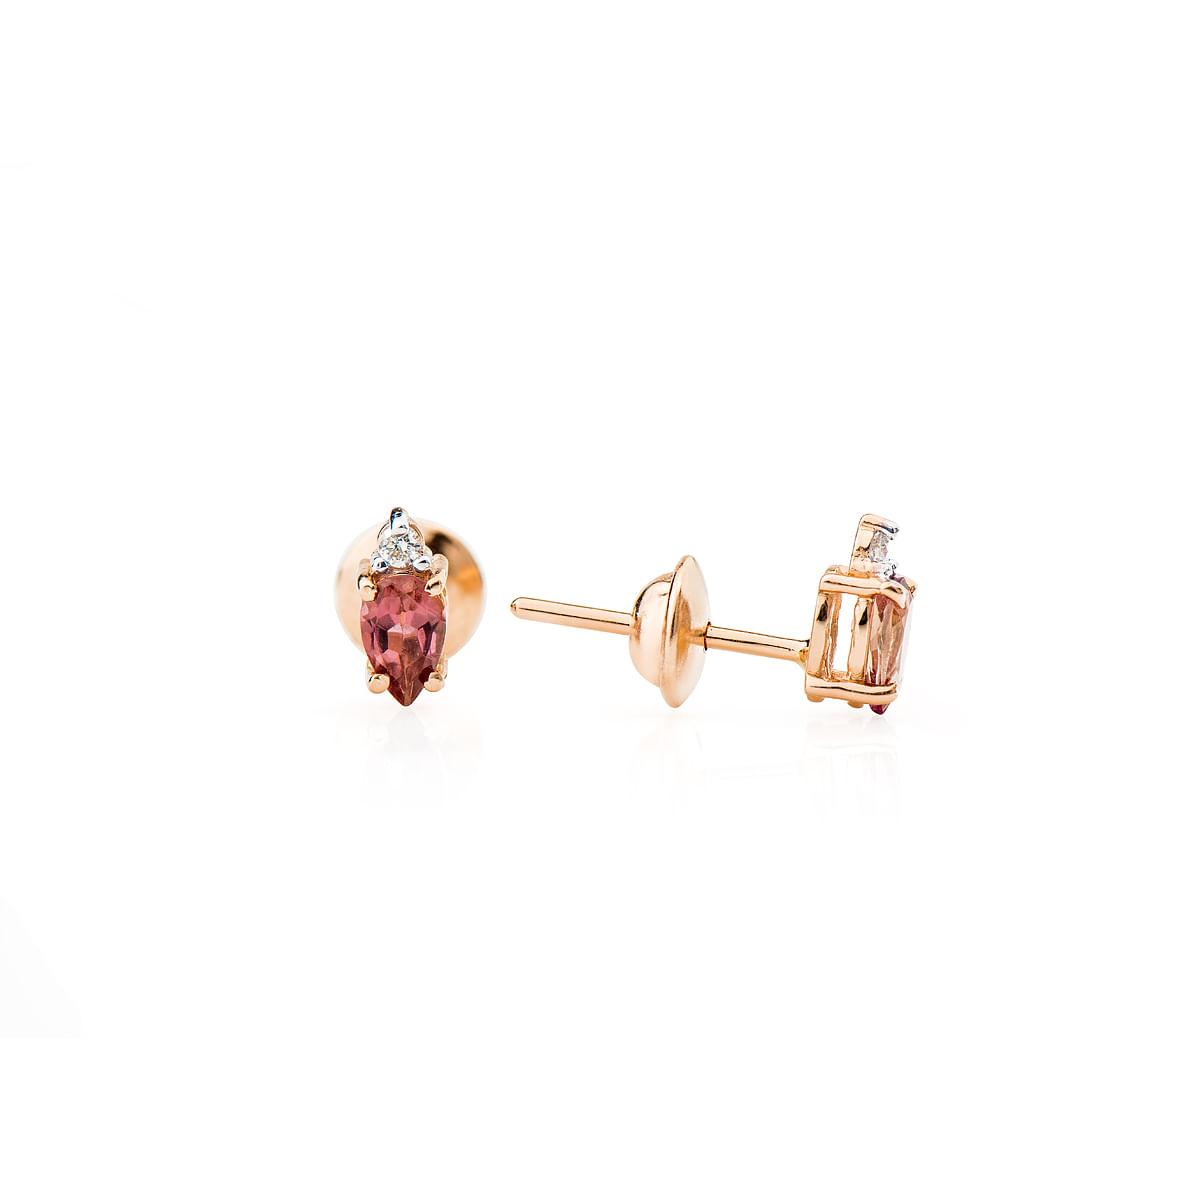 Brinco Ouro Rosê 18k Turmalina Rosa com Diamantes br21950 Brinco em Ouro Rosê 18k Turmalina Rosa com Diamantes br21950